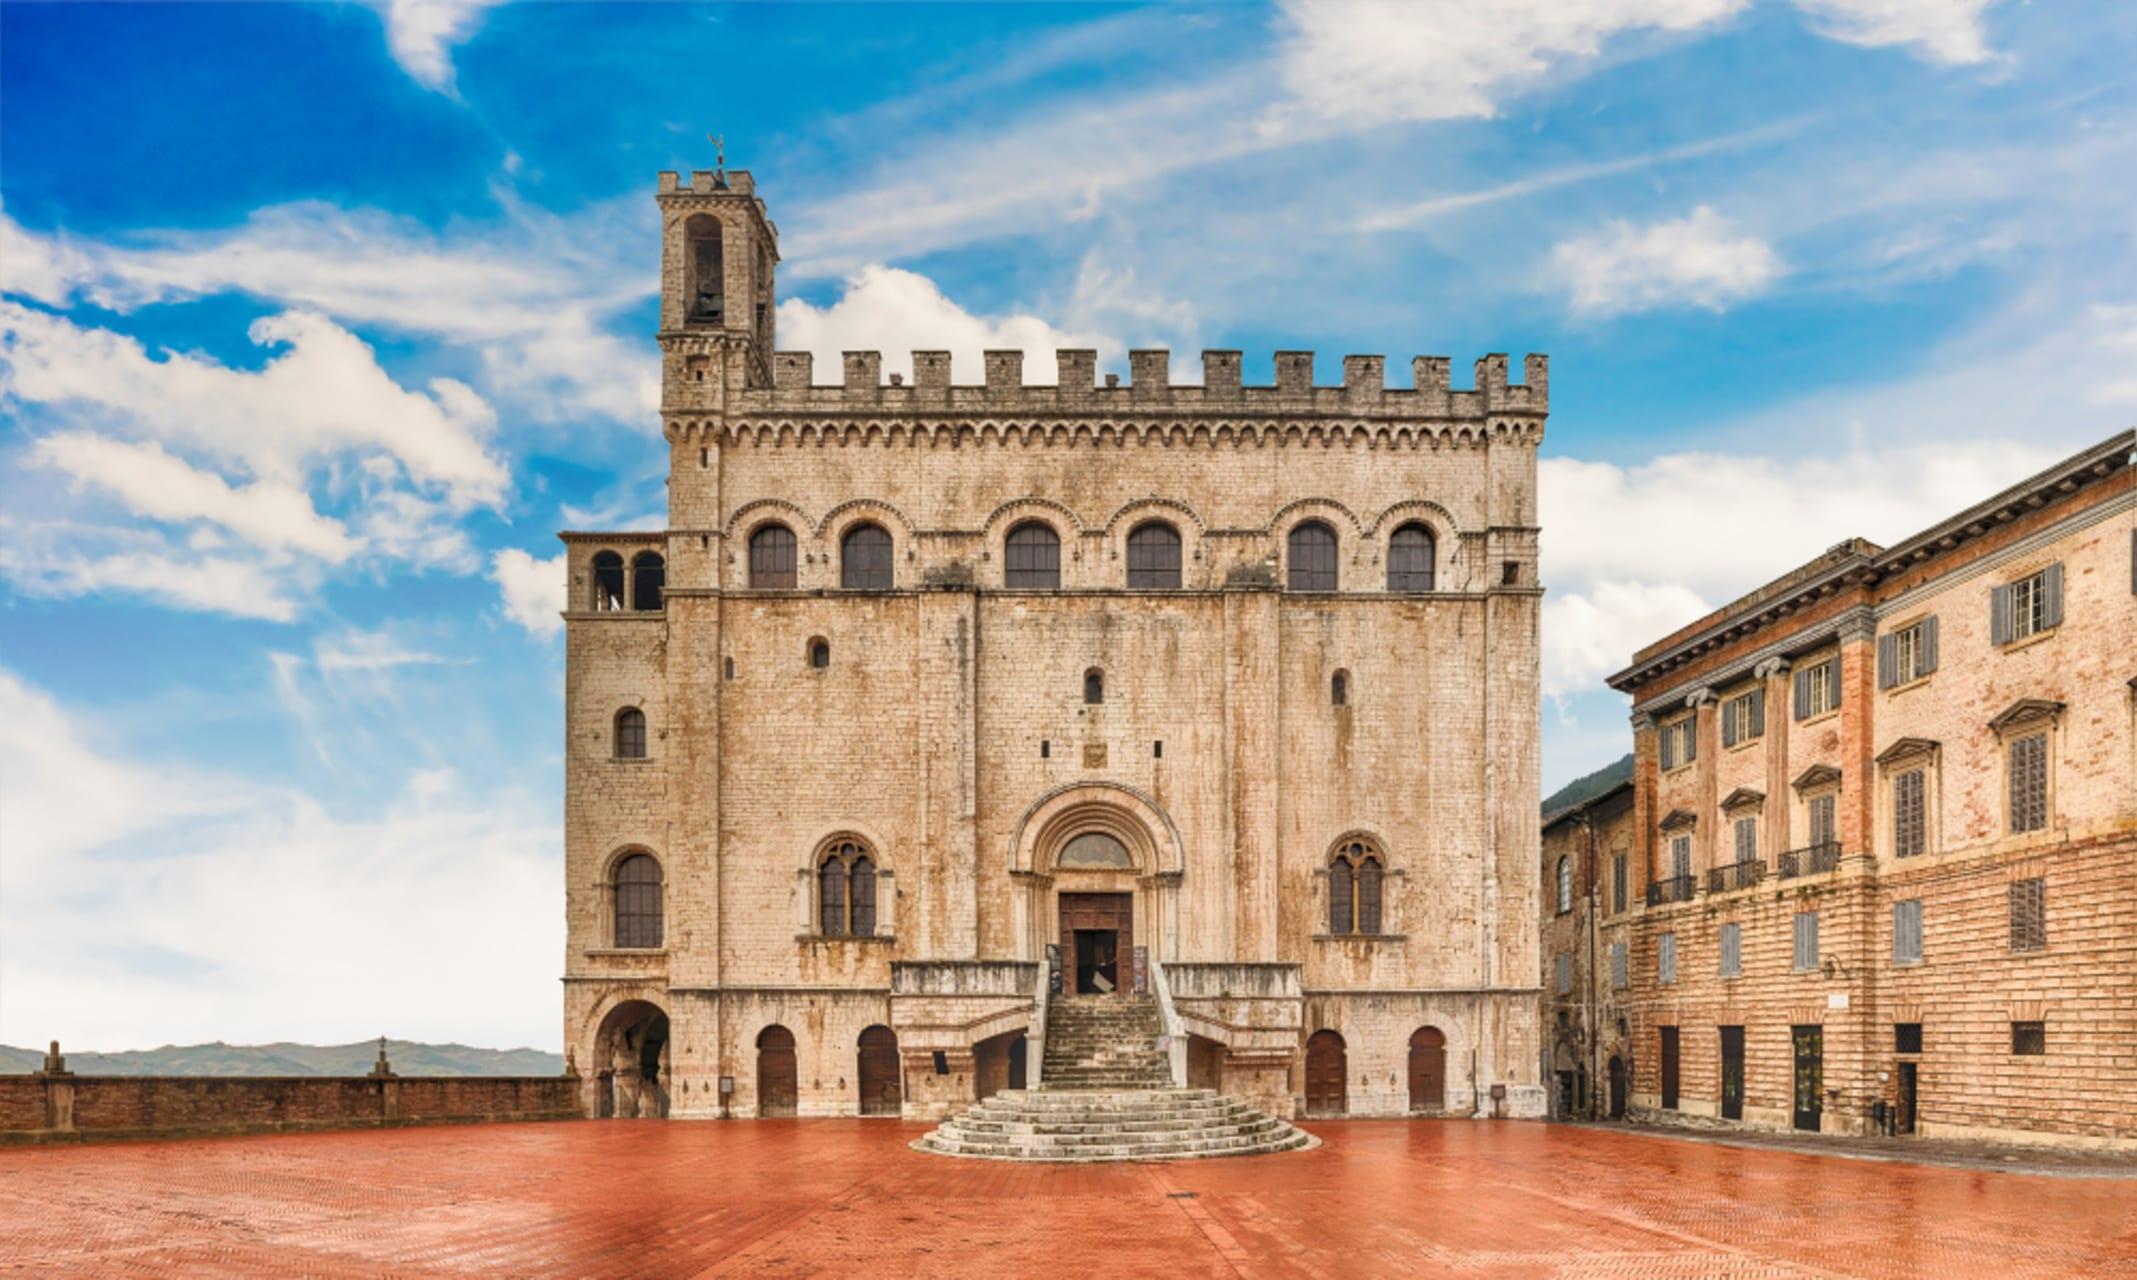 Gubbio - Gubbio - The Middle Ages - Saint Ubaldo - The Wolf